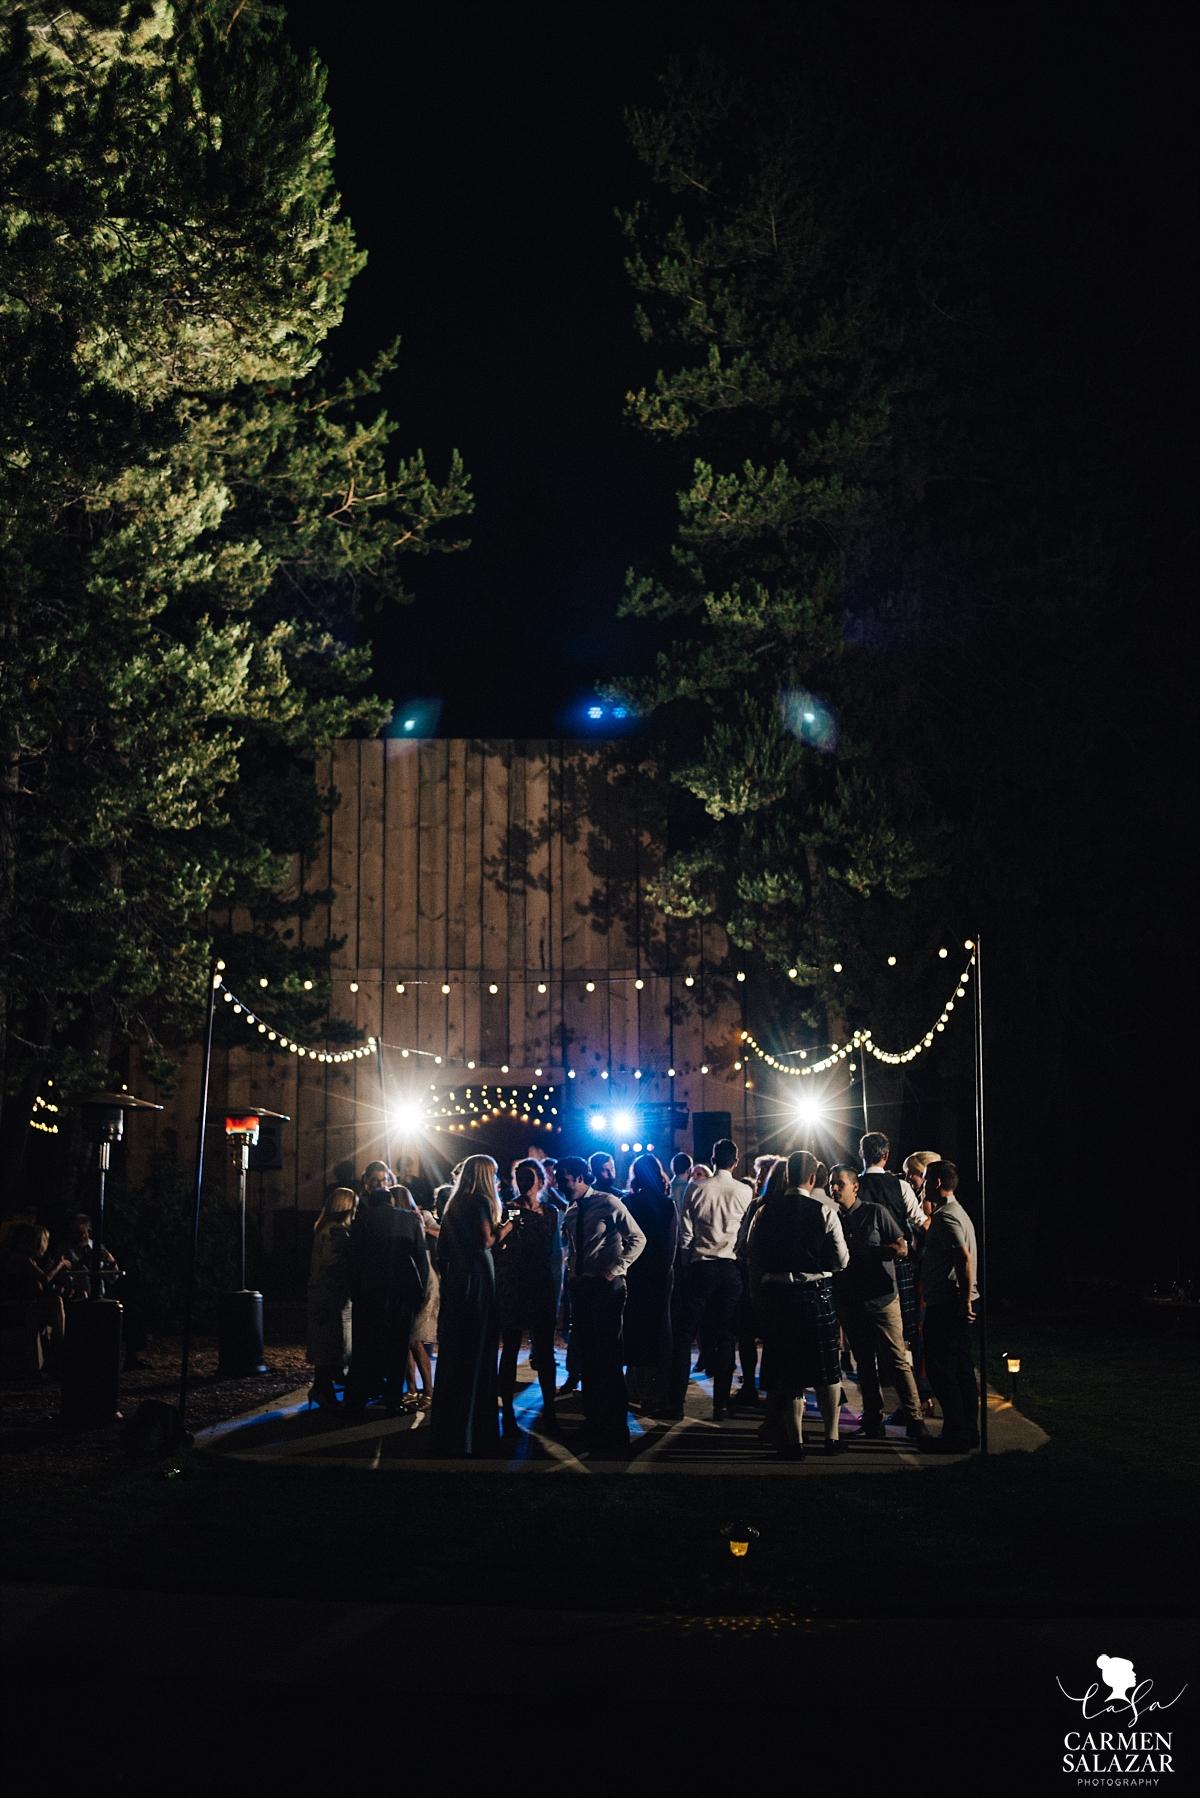 Outdoor wedding dancefloor at The Hideout - Carmen Salazar